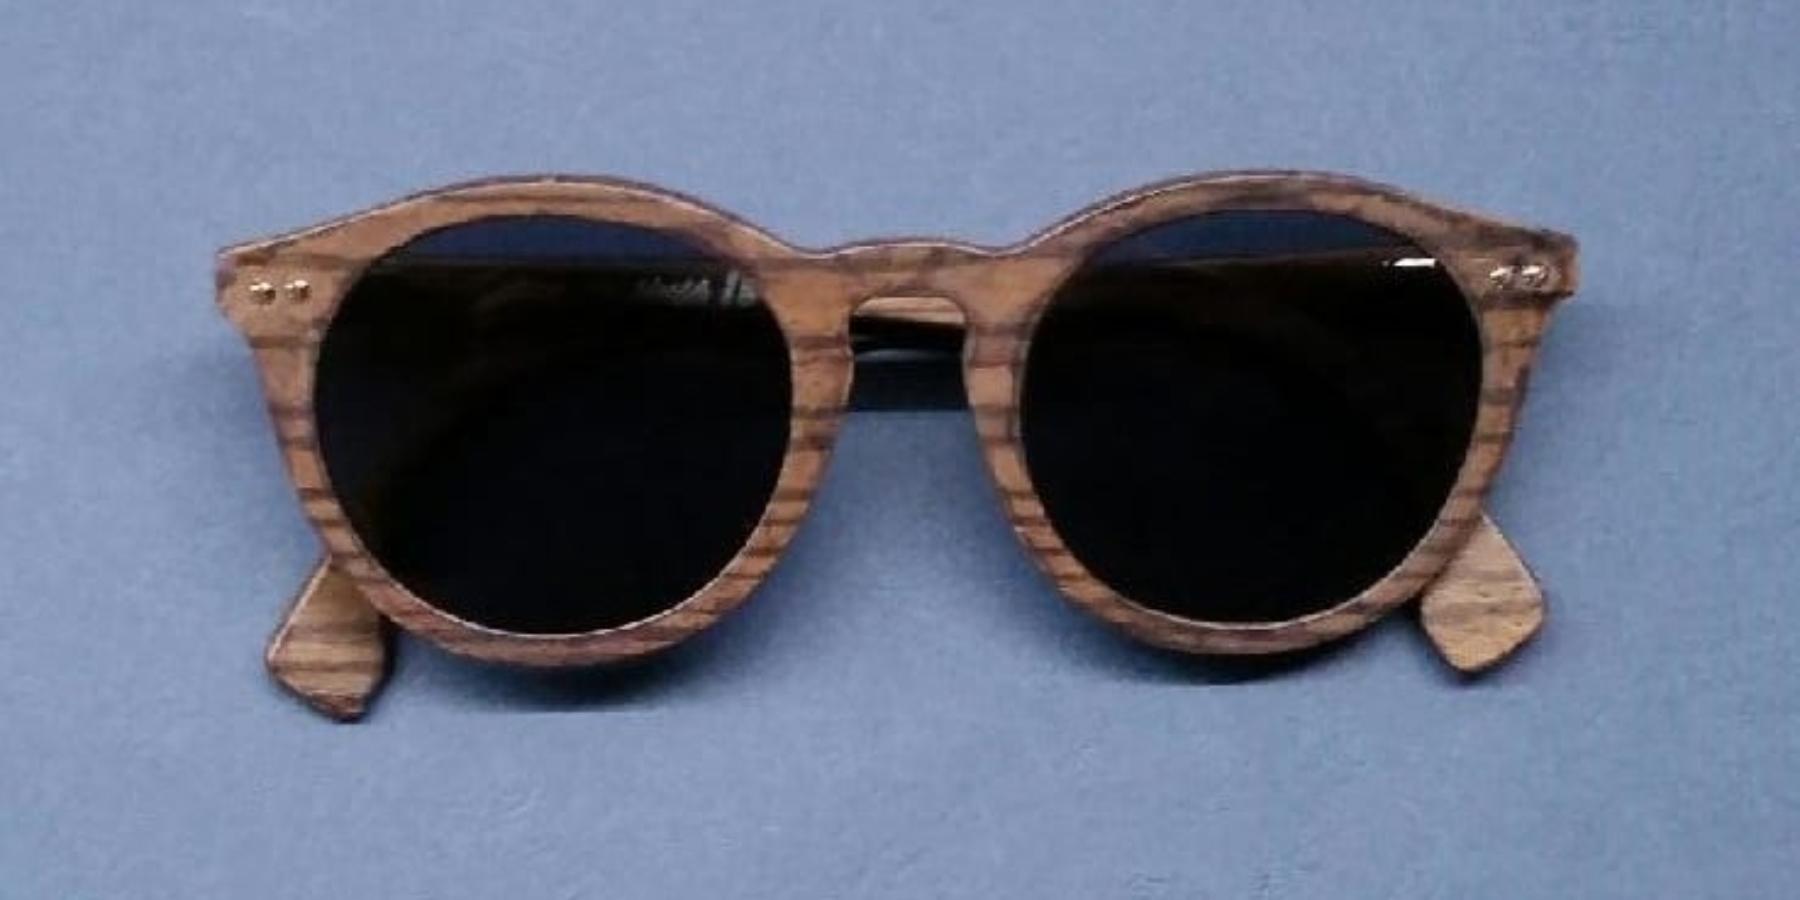 Jego firma stolarska miała tradycję od1840 roku. Dziś Sylwan Chlebowski pozostaje naemeryturze irzeźbi wdrewnie… okulary